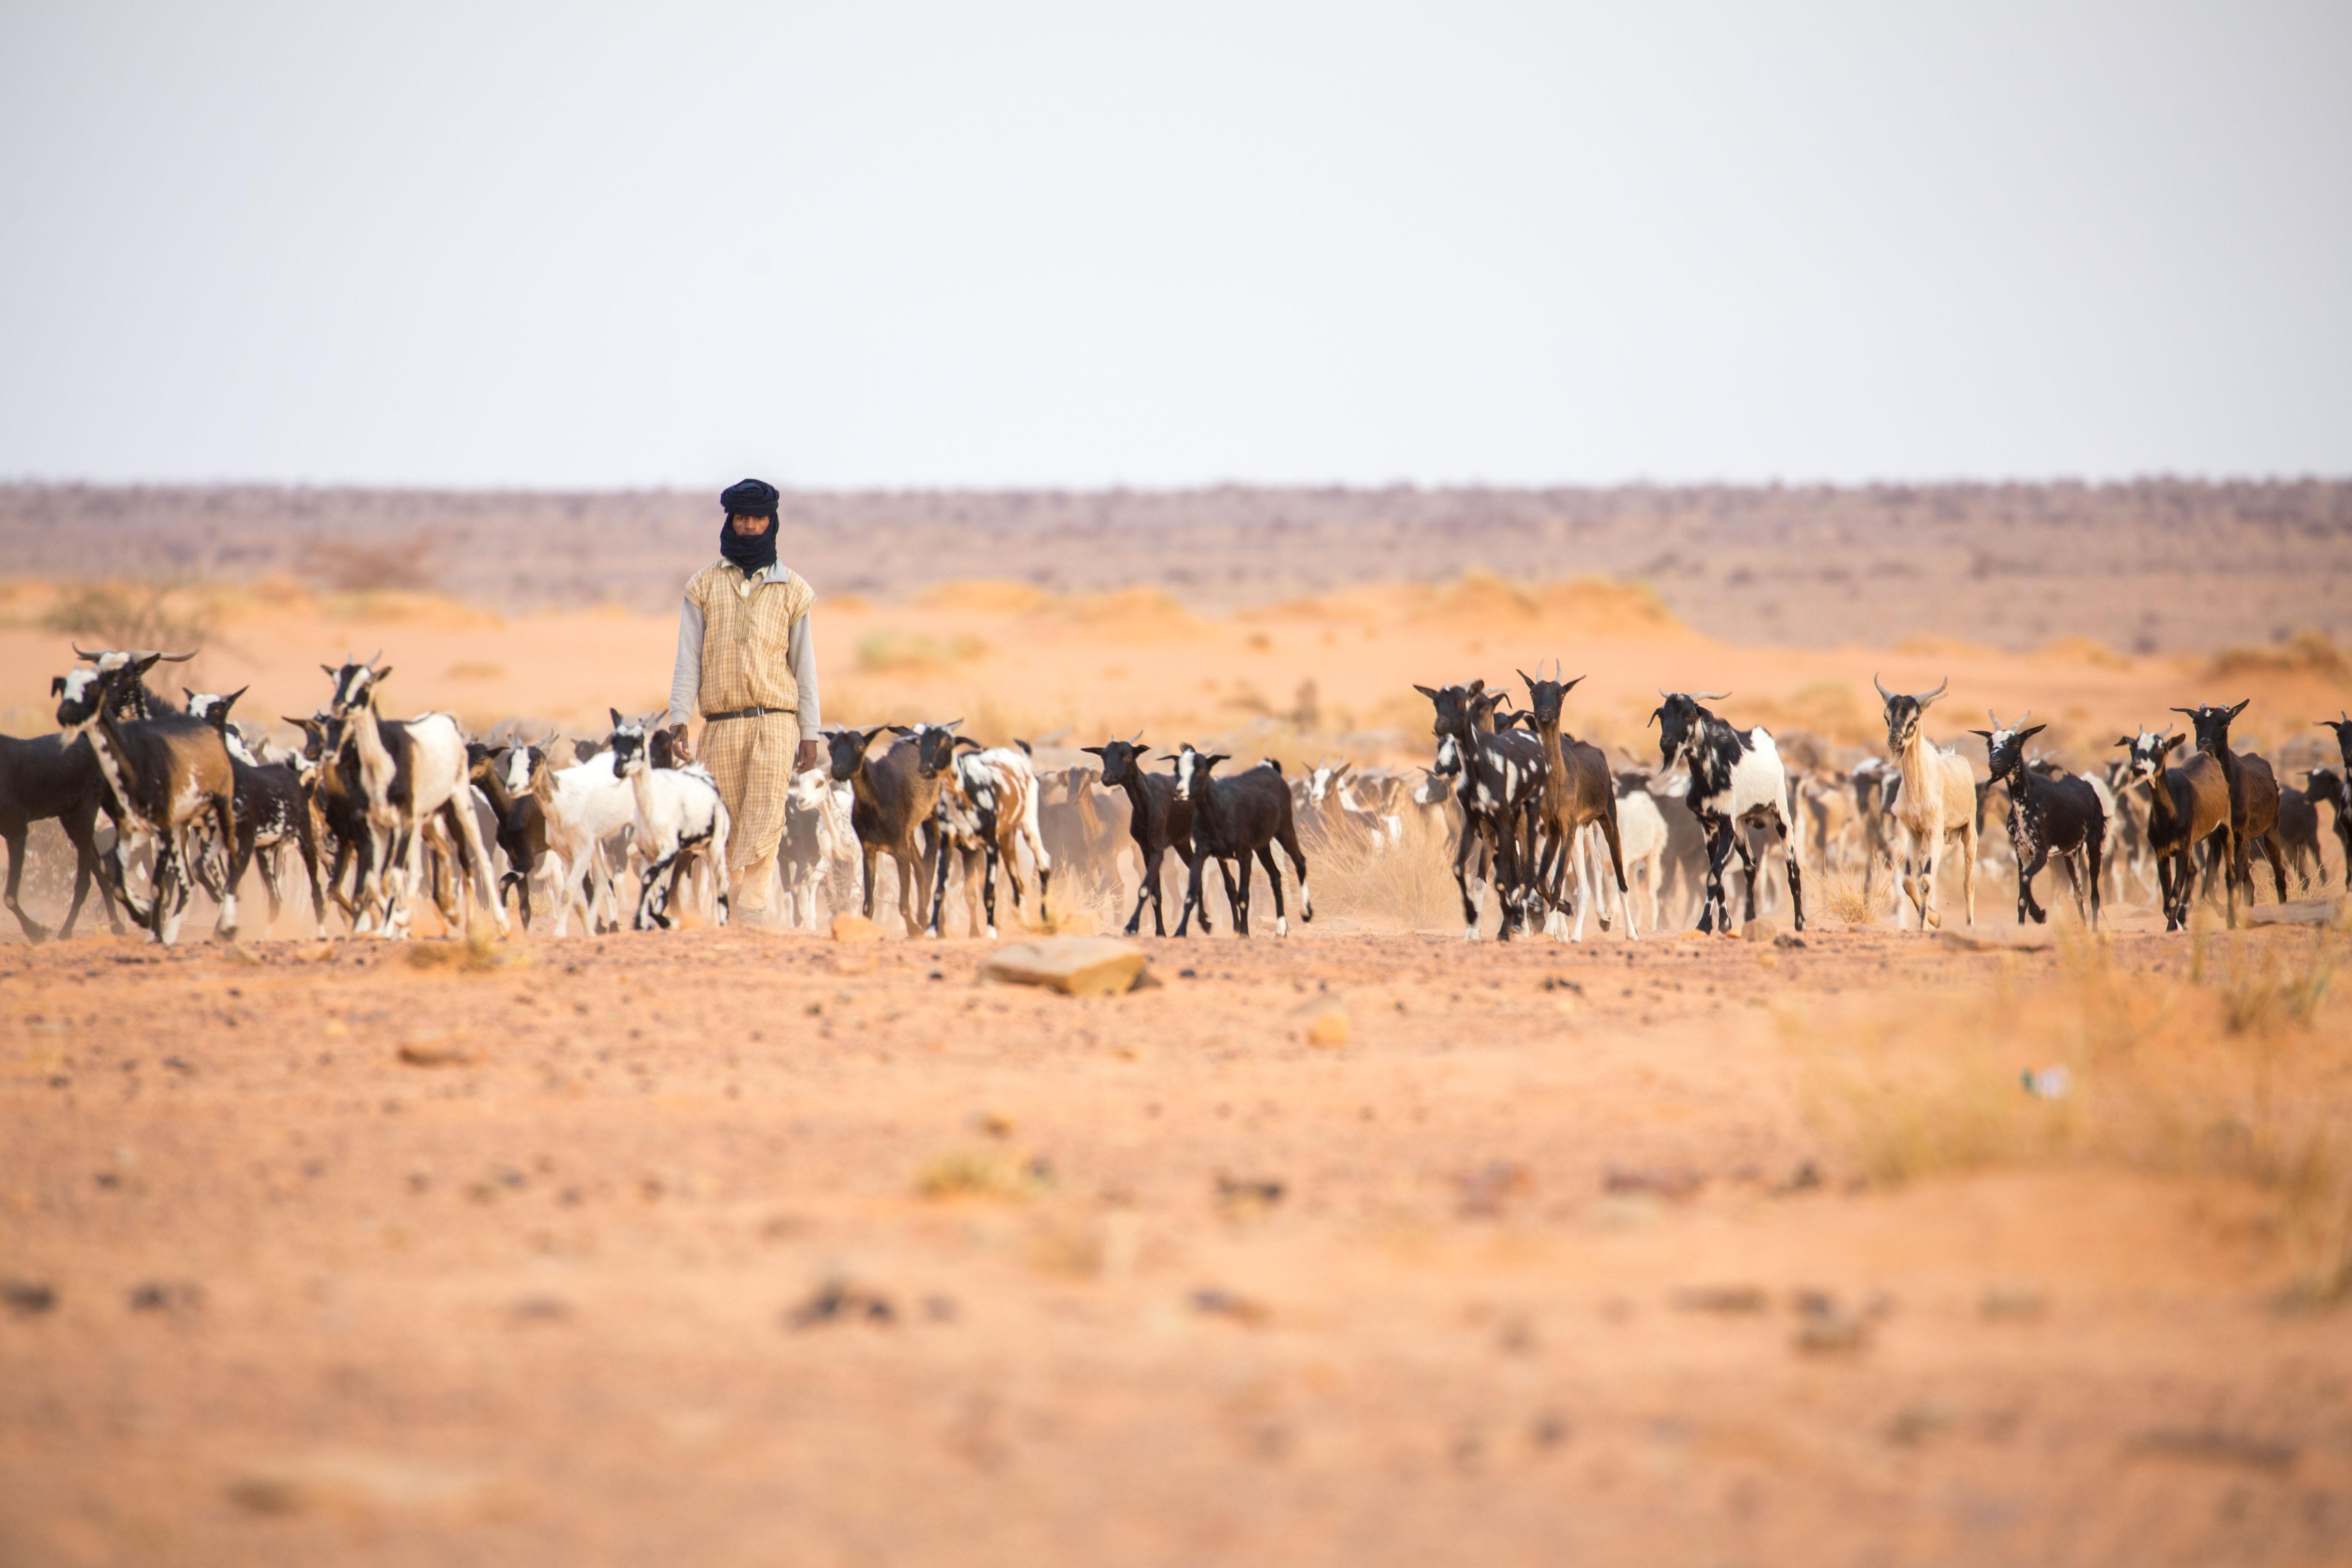 Berger nomade en direction d'un puit pour désaltérer les bêtes